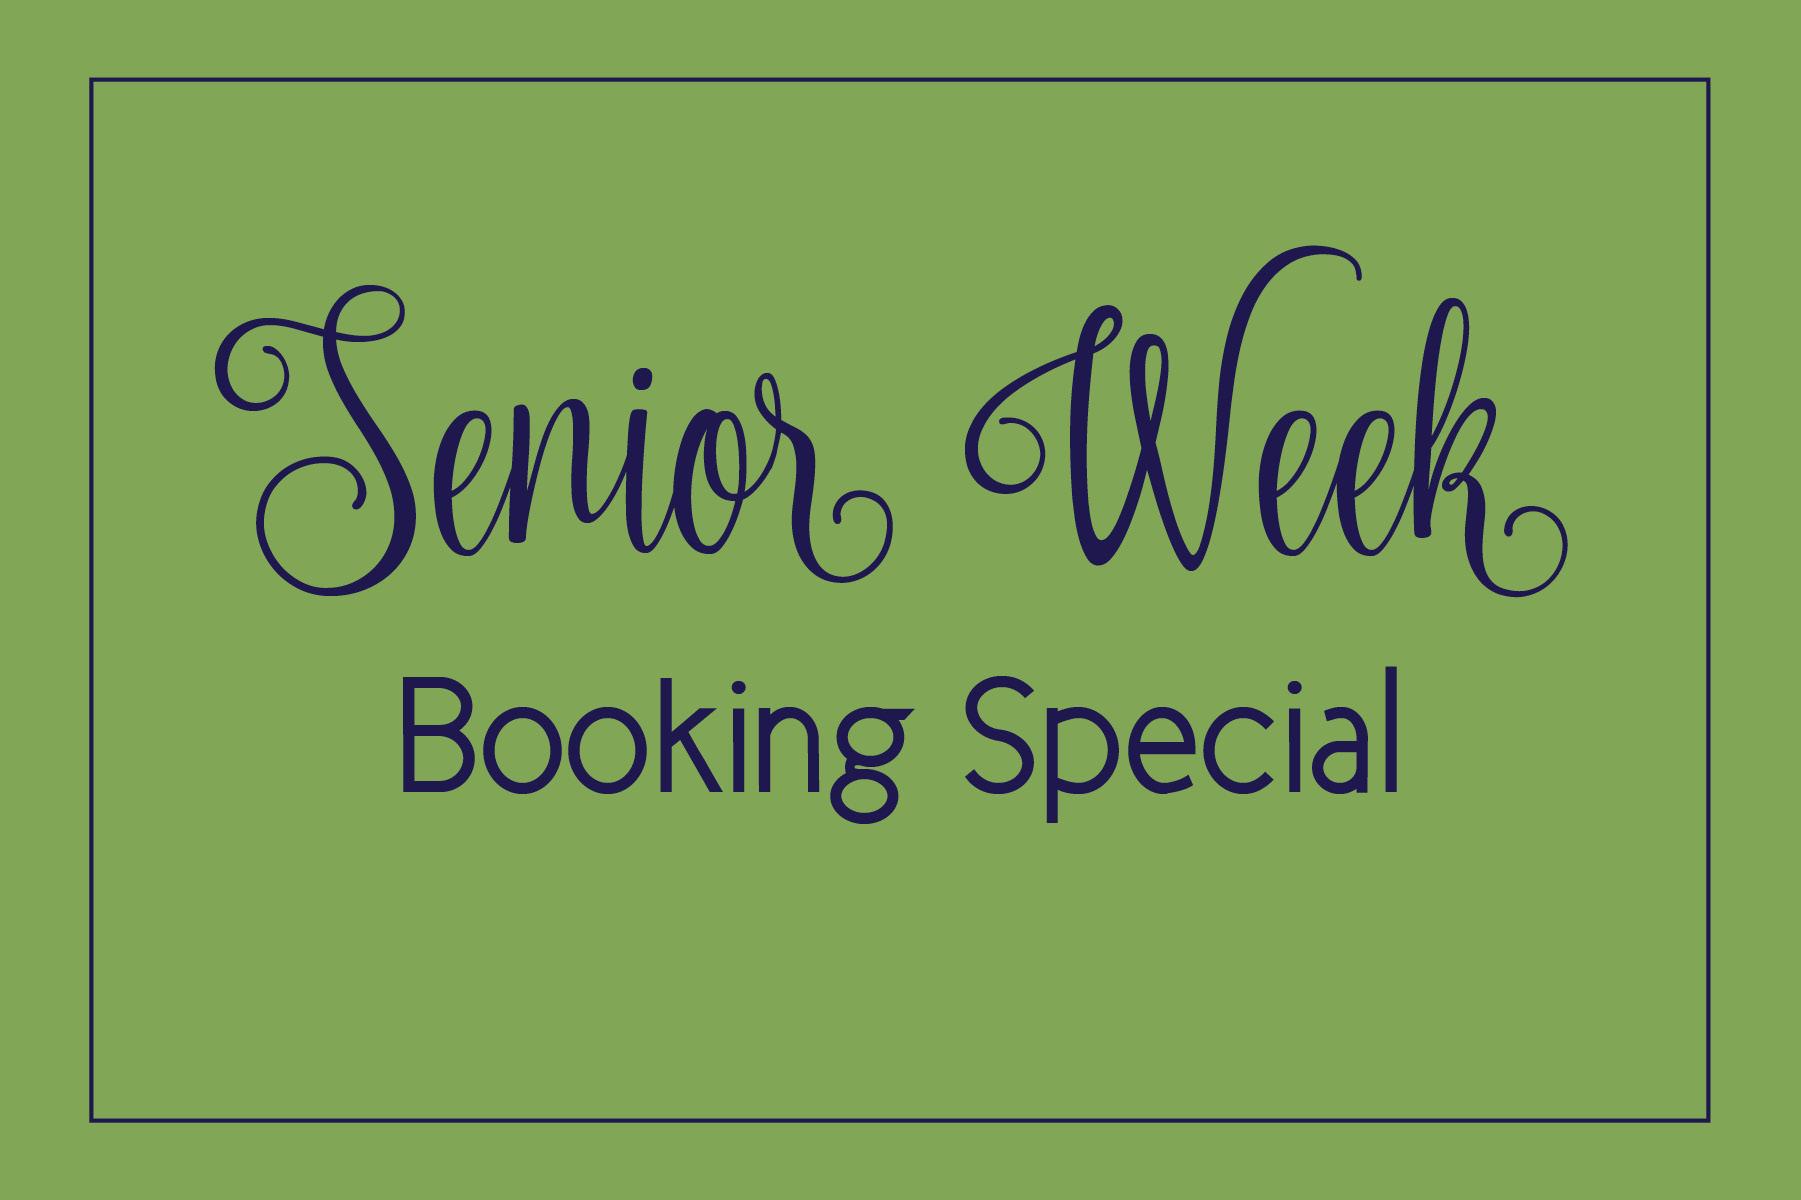 senior week Booking special.jpg